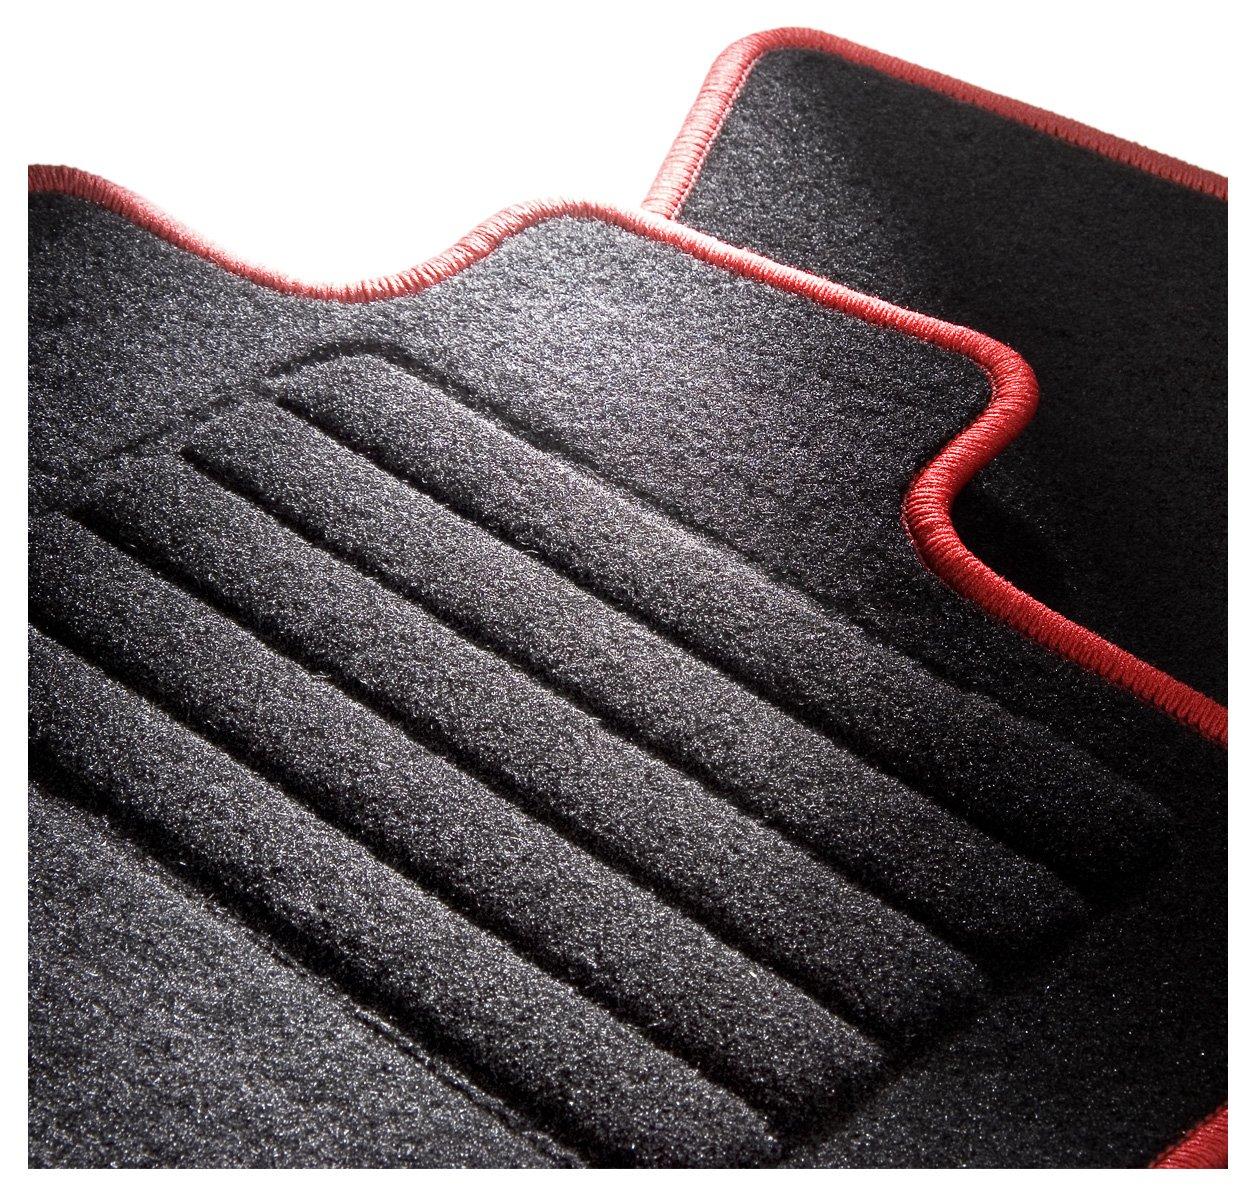 Tappetino auto sagomato Exqui Plus II CarFashion 232718